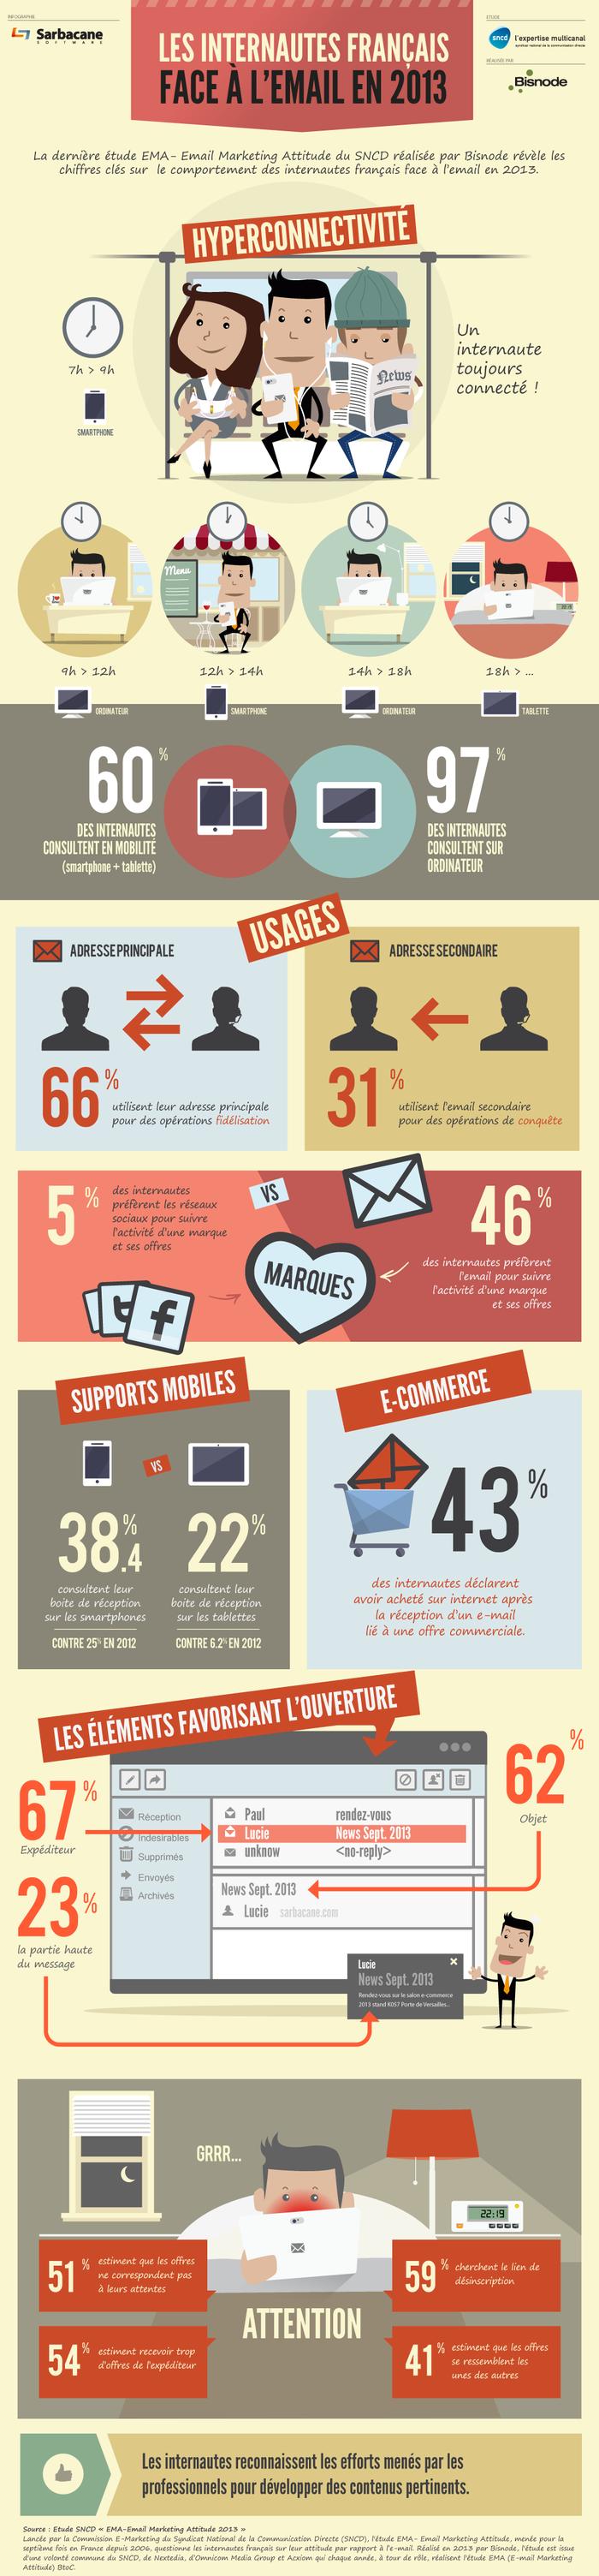 Les internautes et l'email : perception et usages,  le comportement des internautes français face à l'email en 2013